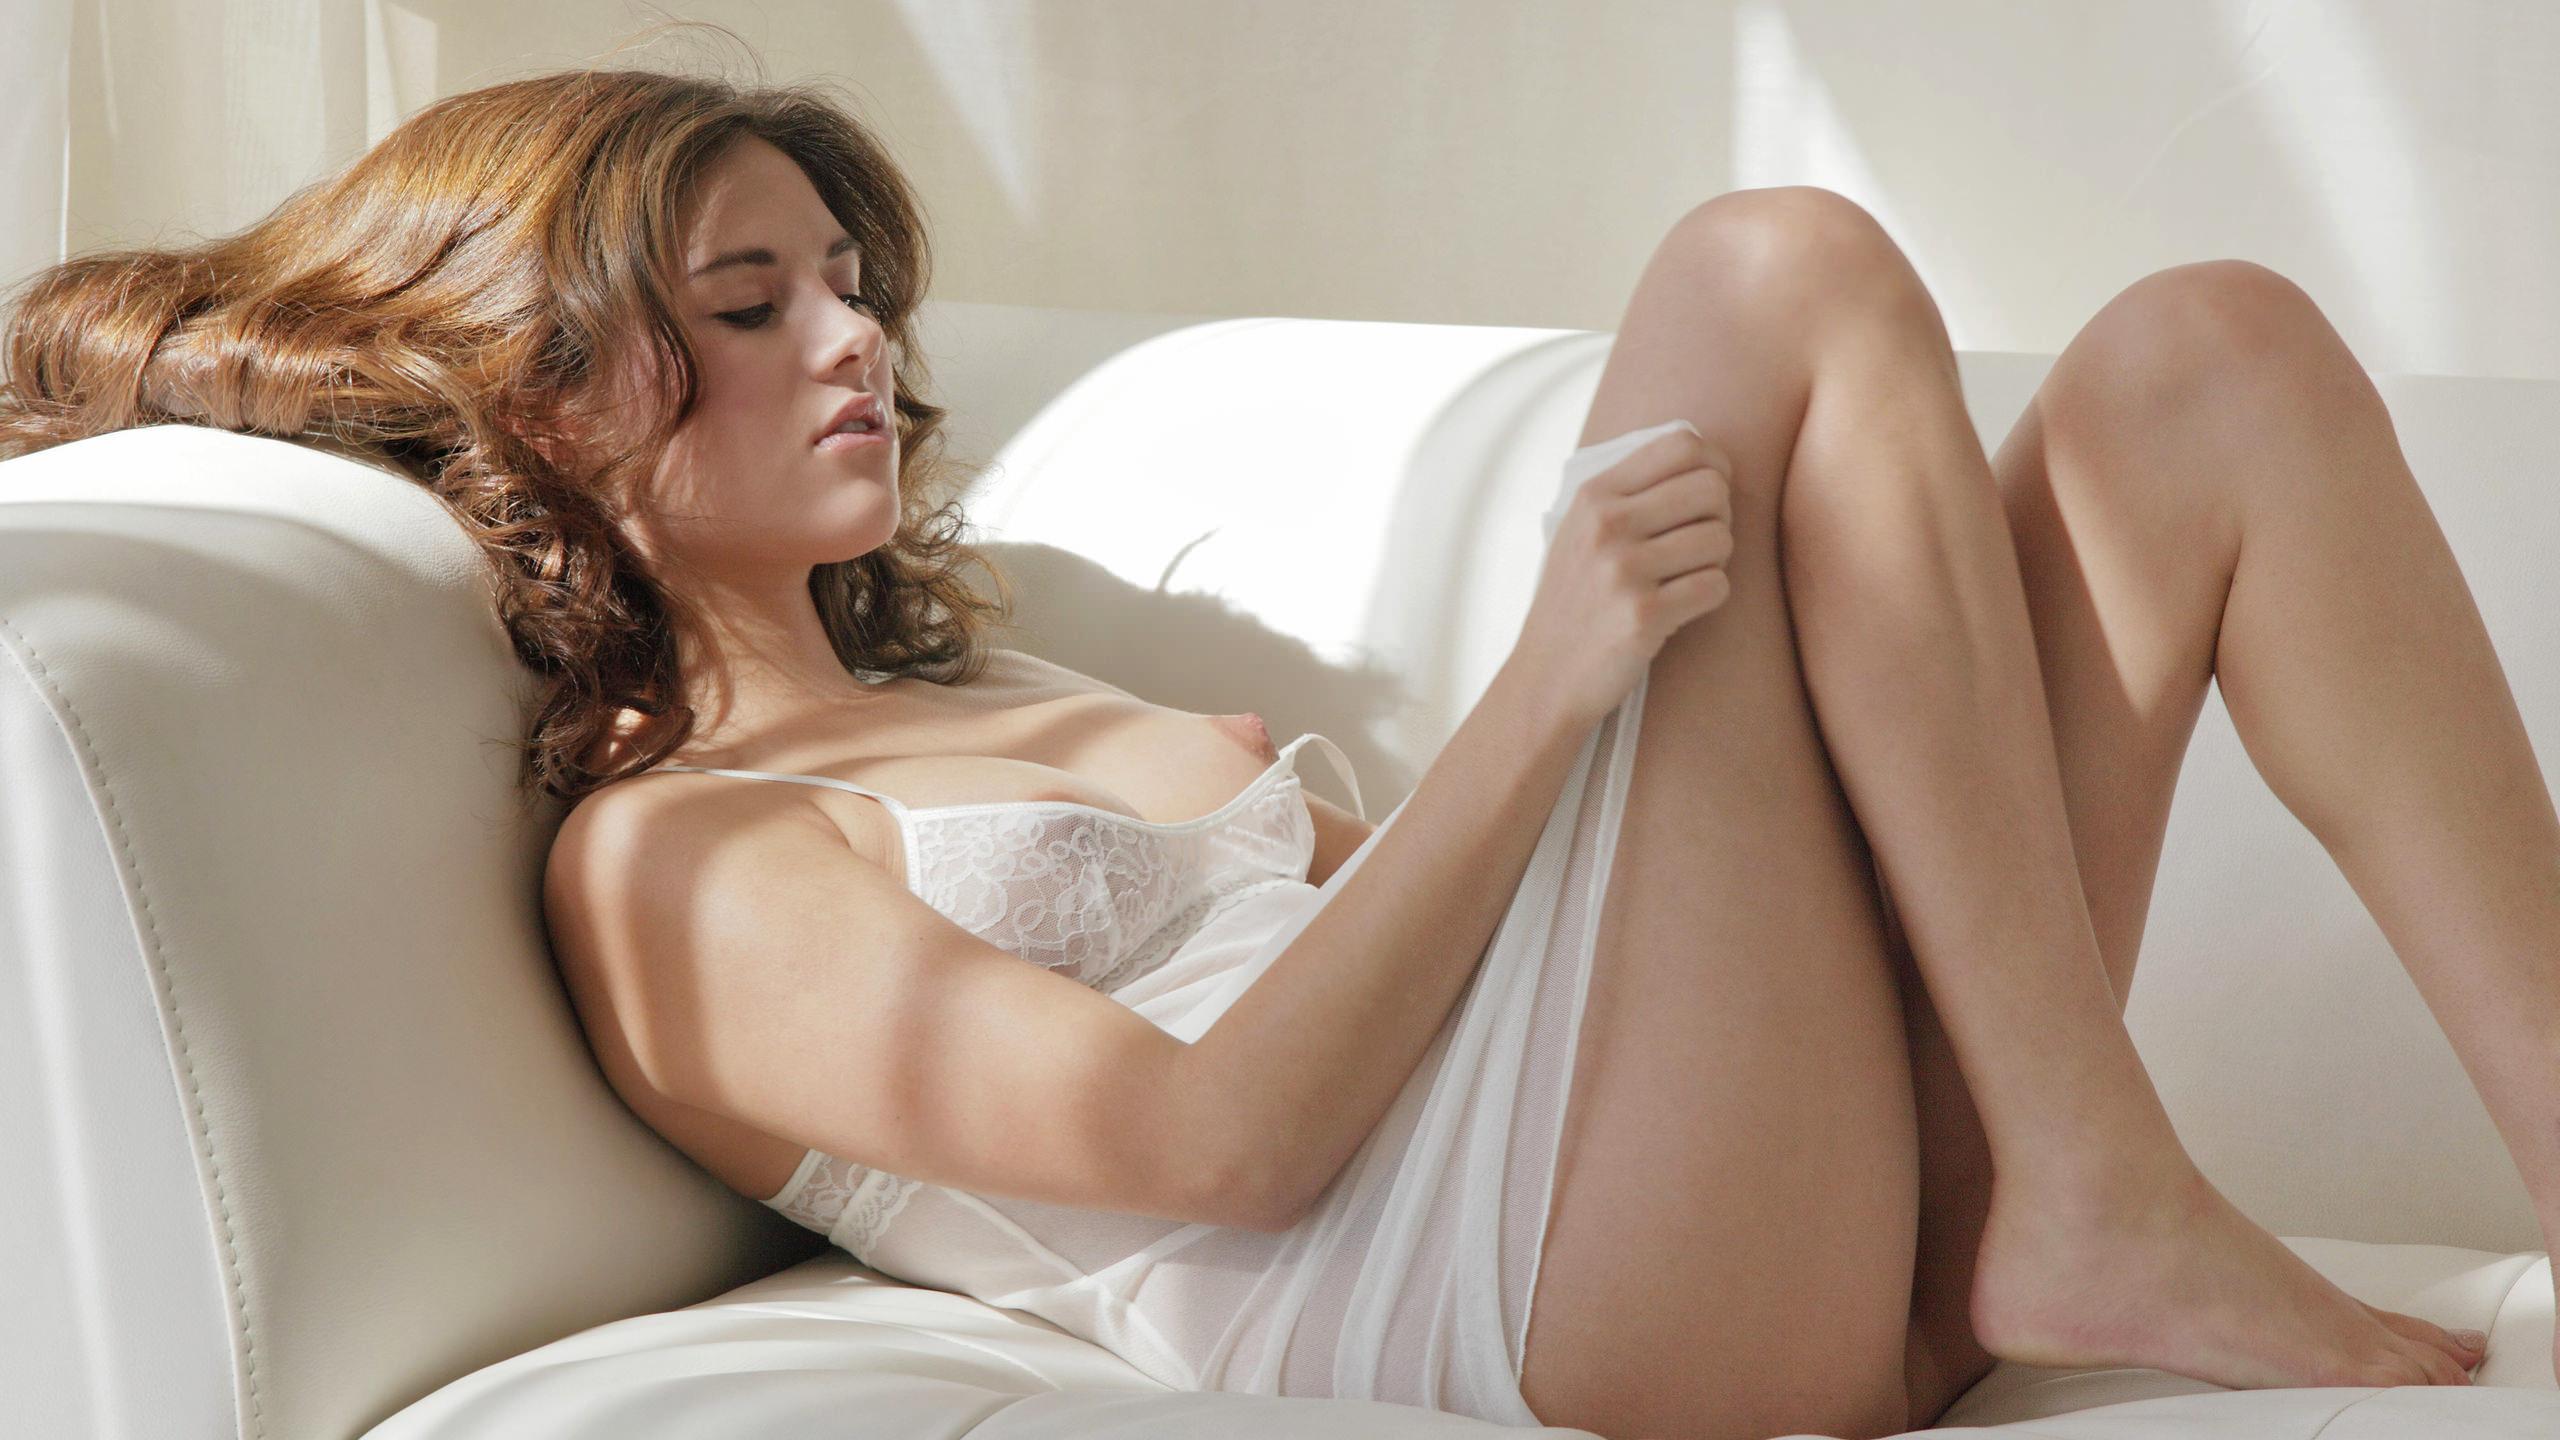 Секс со спящими девушками в красивых ночнушках — photo 10